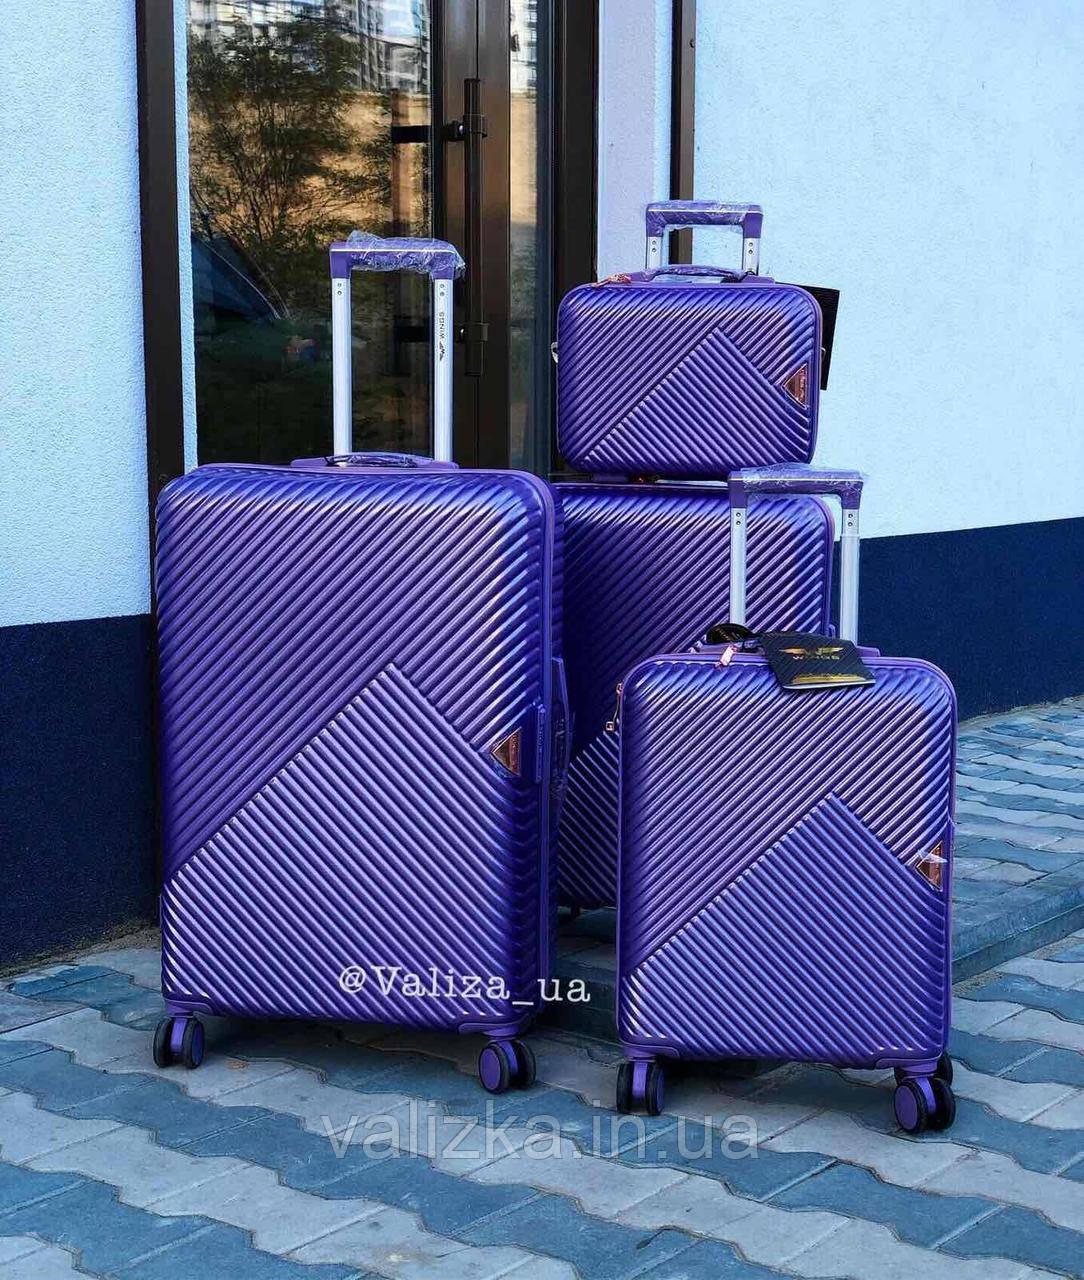 Комплект чемоданов из поликарбоната премиум серии 3 штуки малый, средний, большой + бьюти кейс фиолетовый